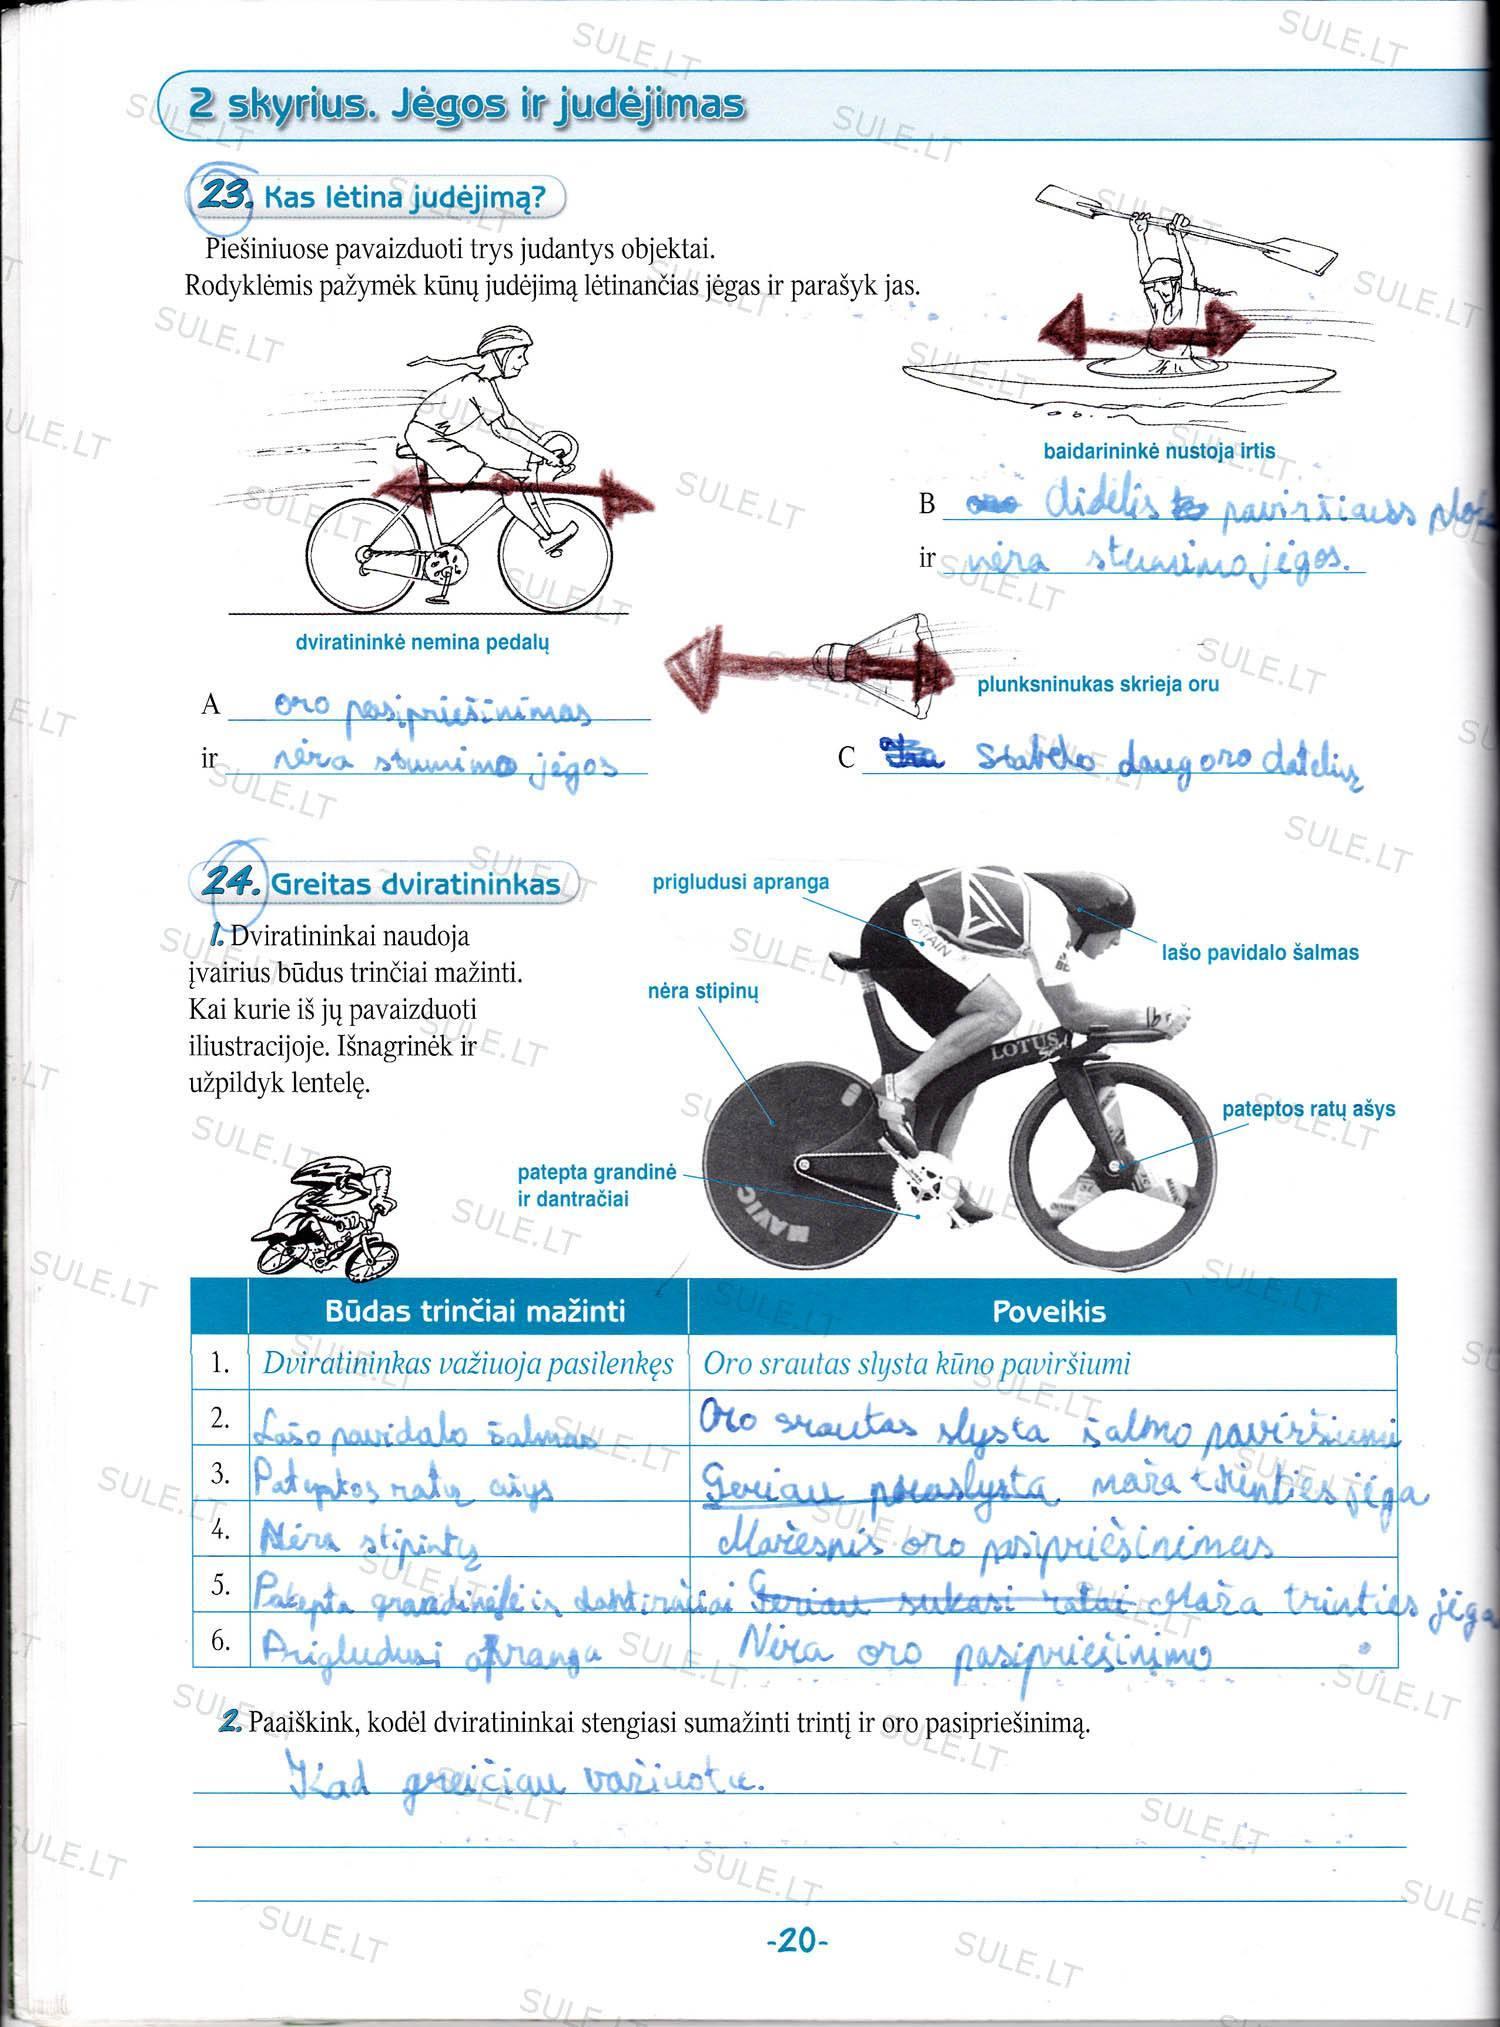 Biologija-6-klasei-2-dalis-20-puslapis